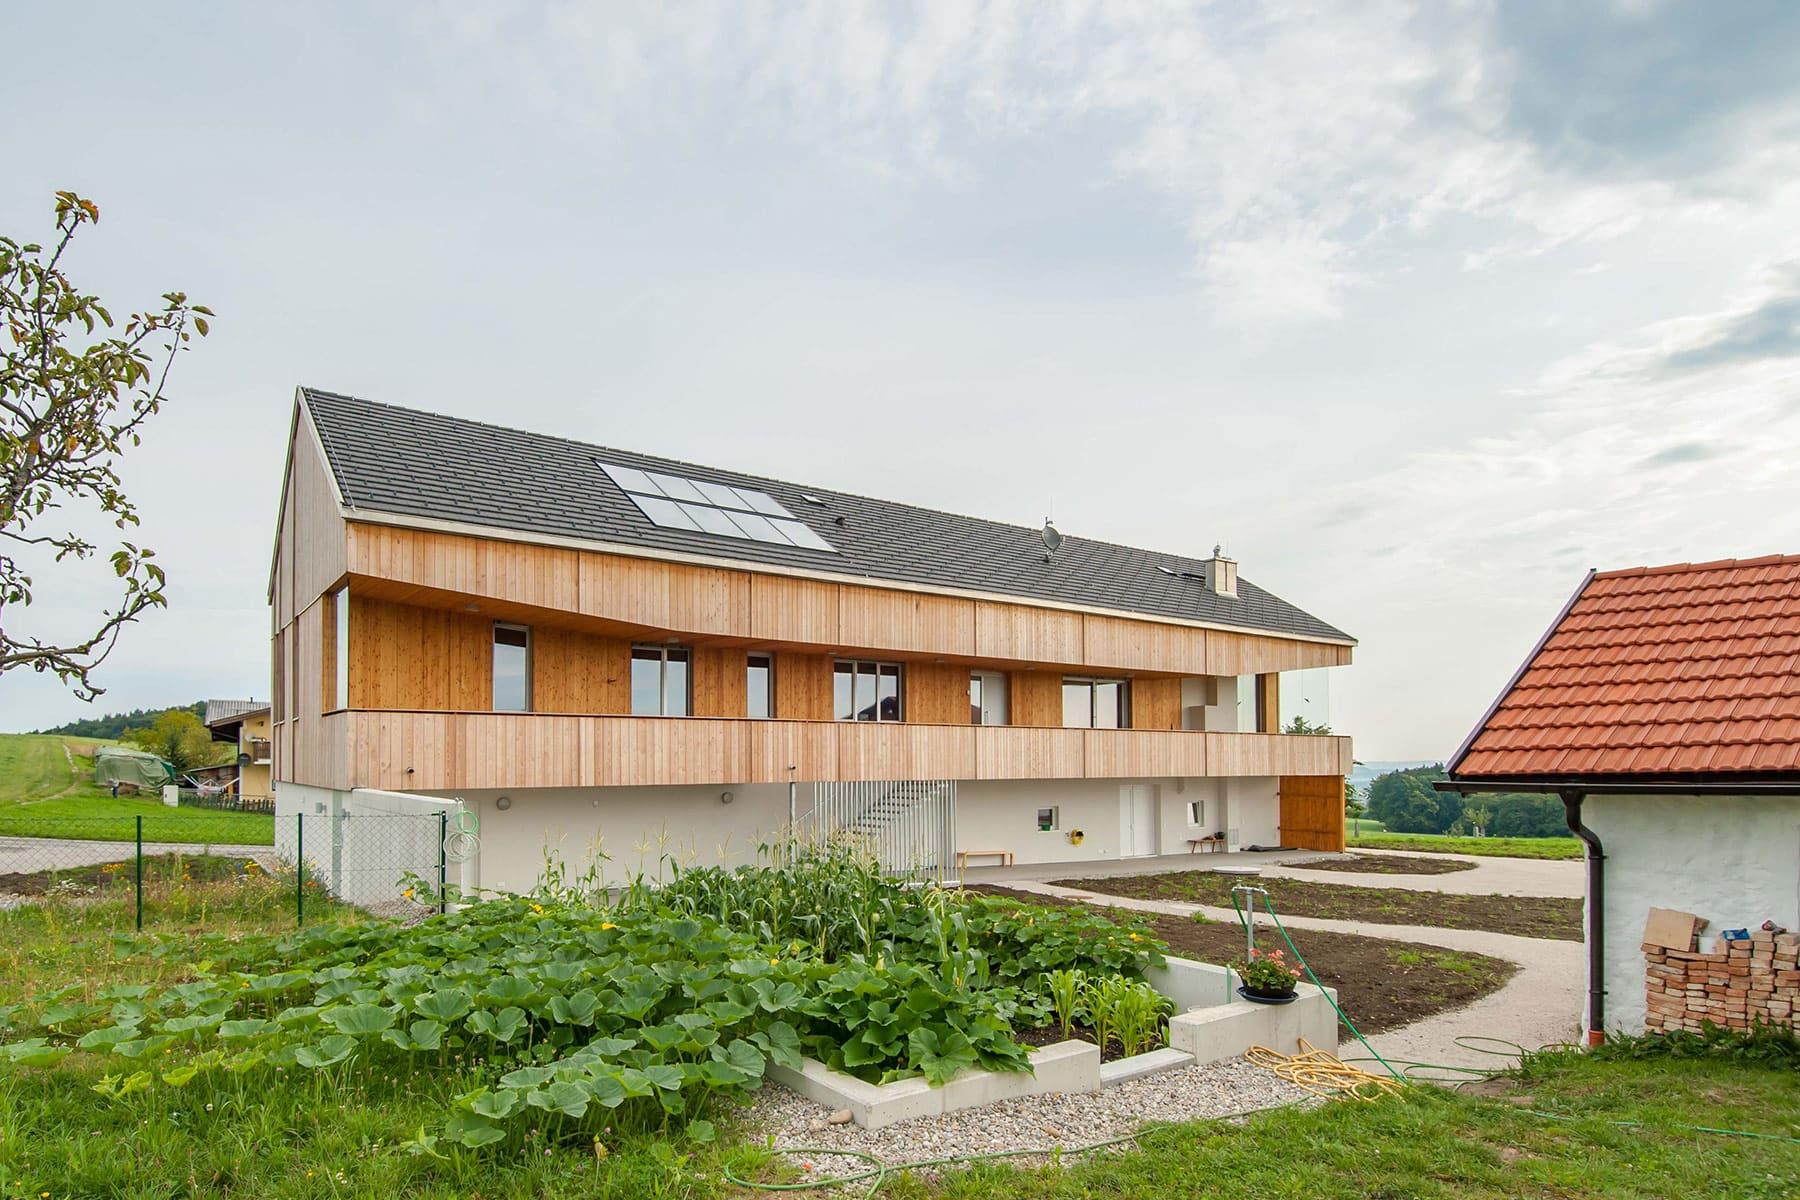 gartenfassade, holzhaus, architekt, haus, bauernhof, umbau, salzburg, landleben, loft, architektur